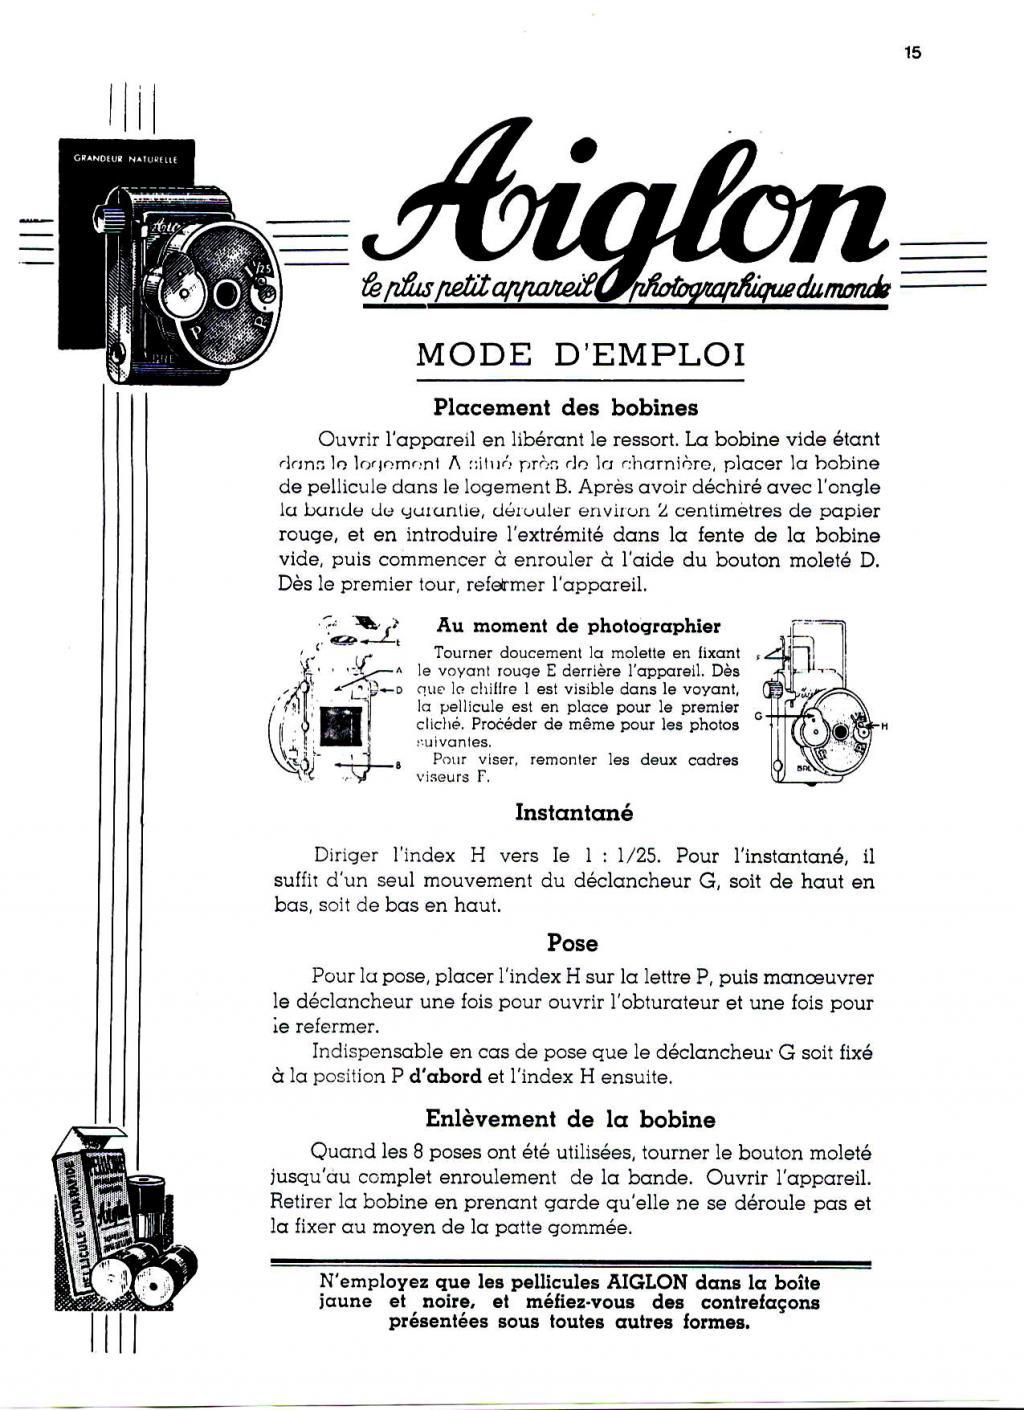 Wallpaper 2679-27  AIGLON subminiature, collection AMI Appareils photos